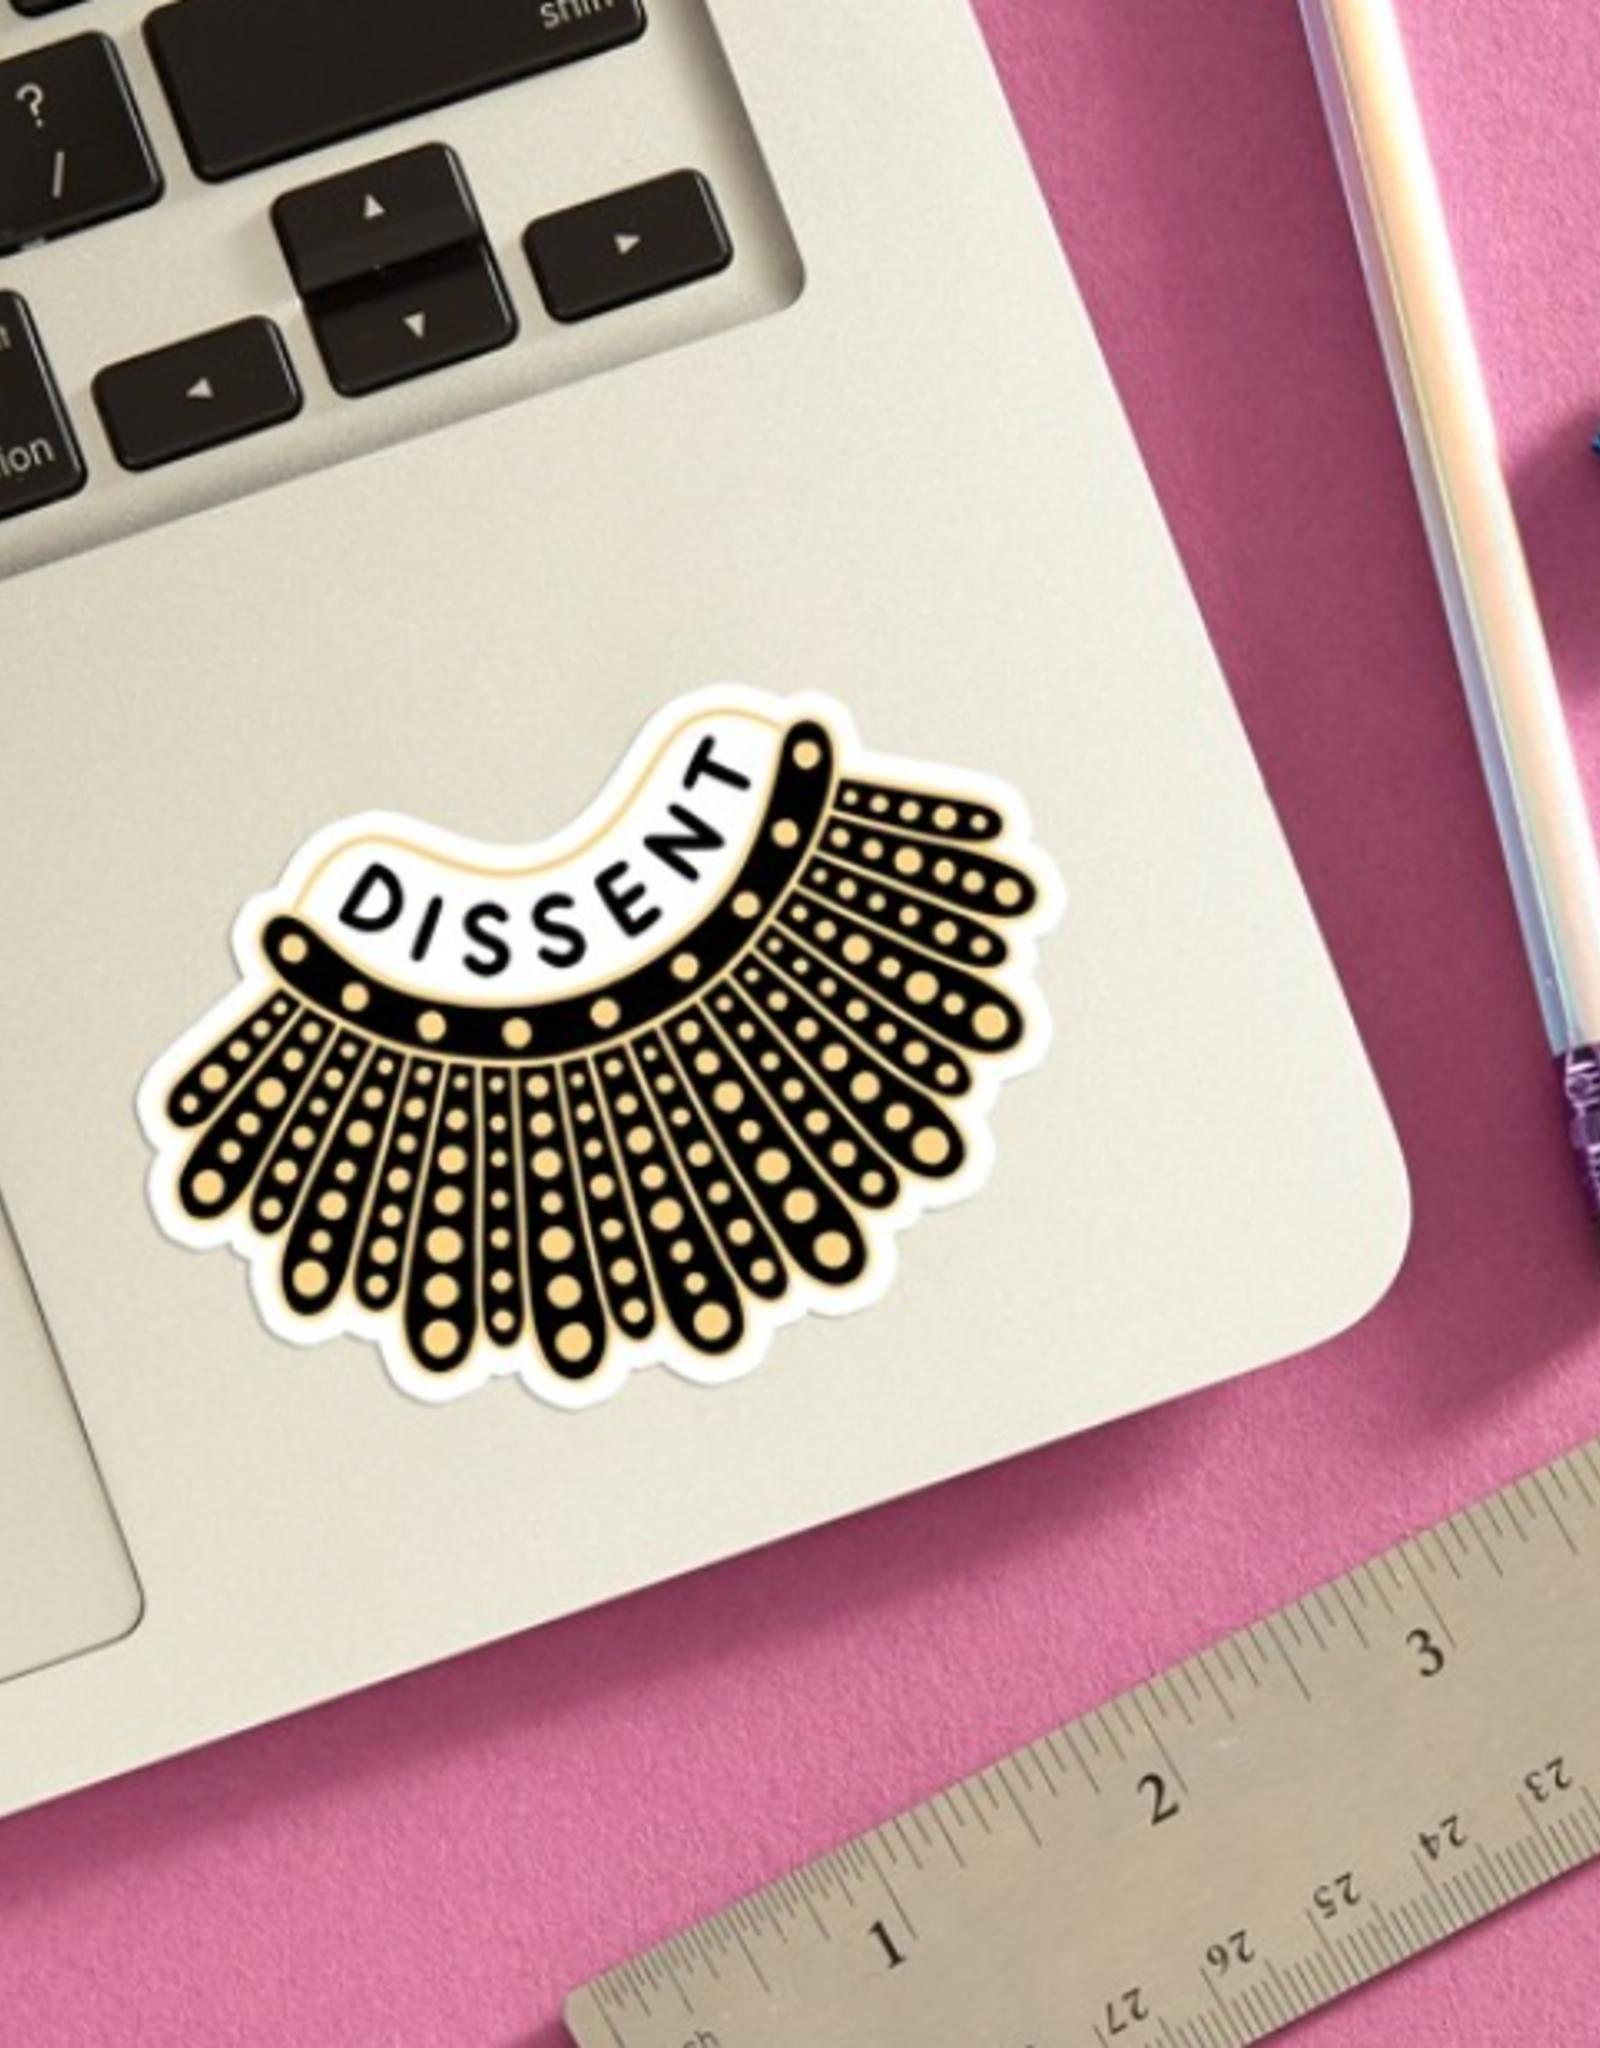 The Found Sticker: Dissent Collar